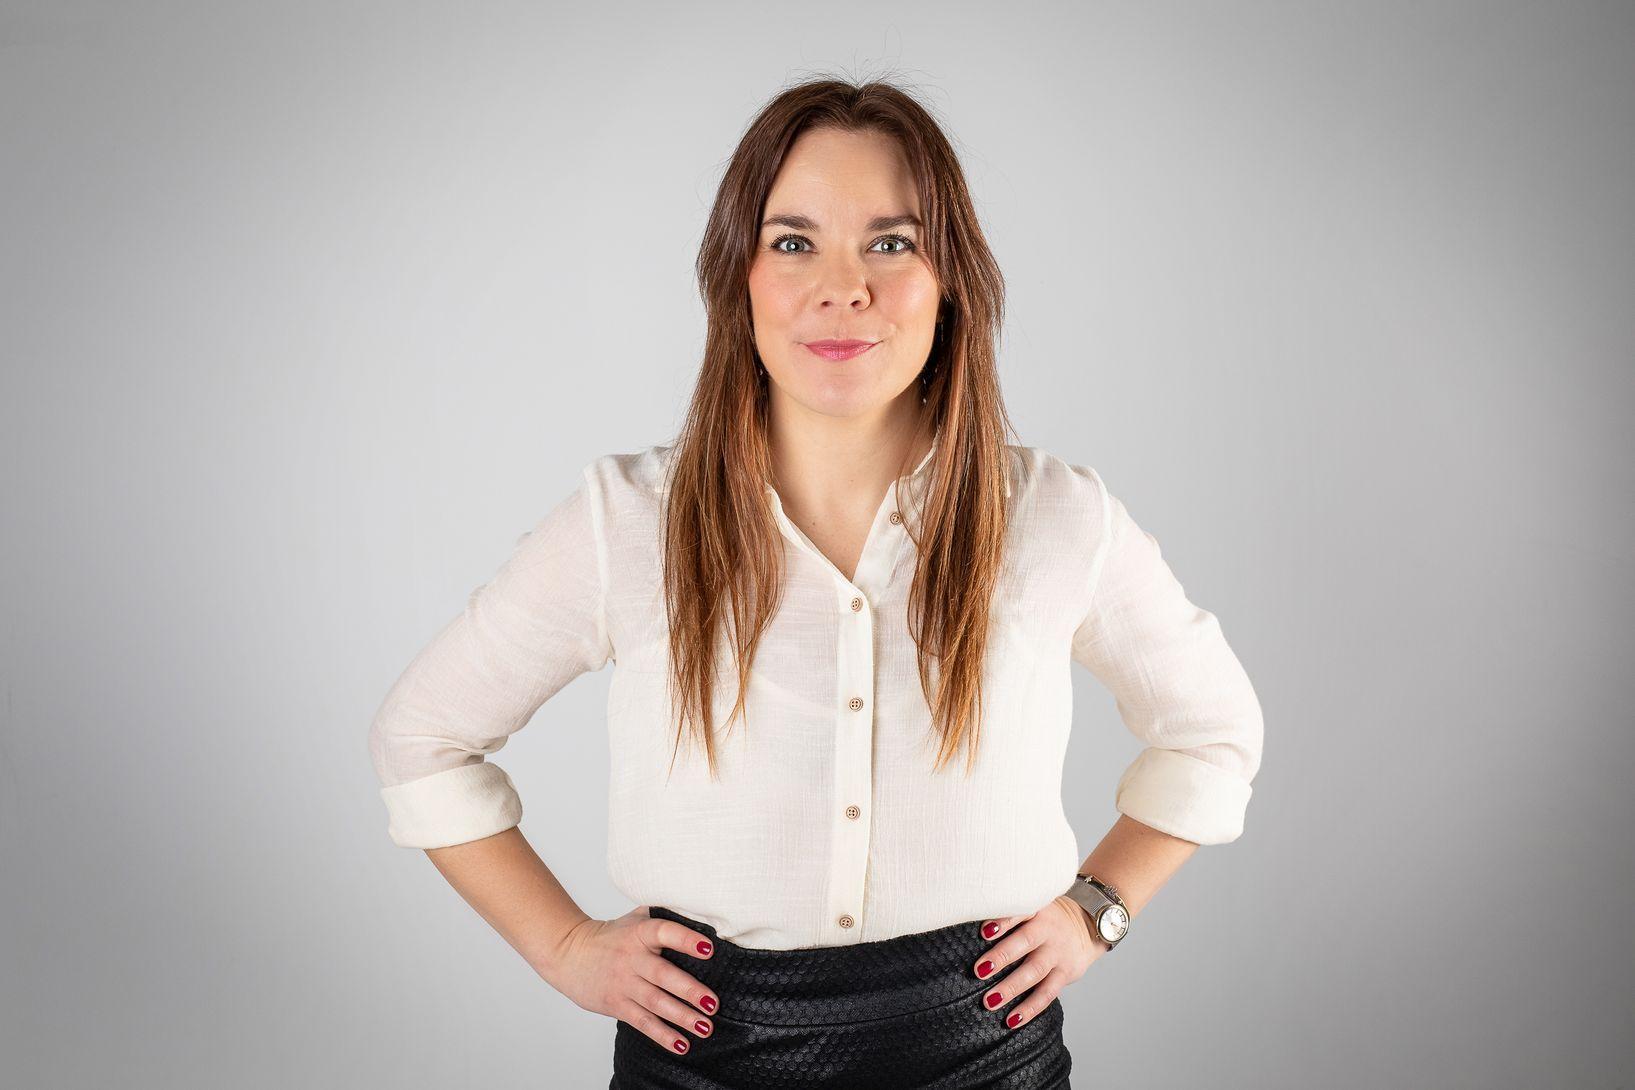 Agnieszka Wąsik